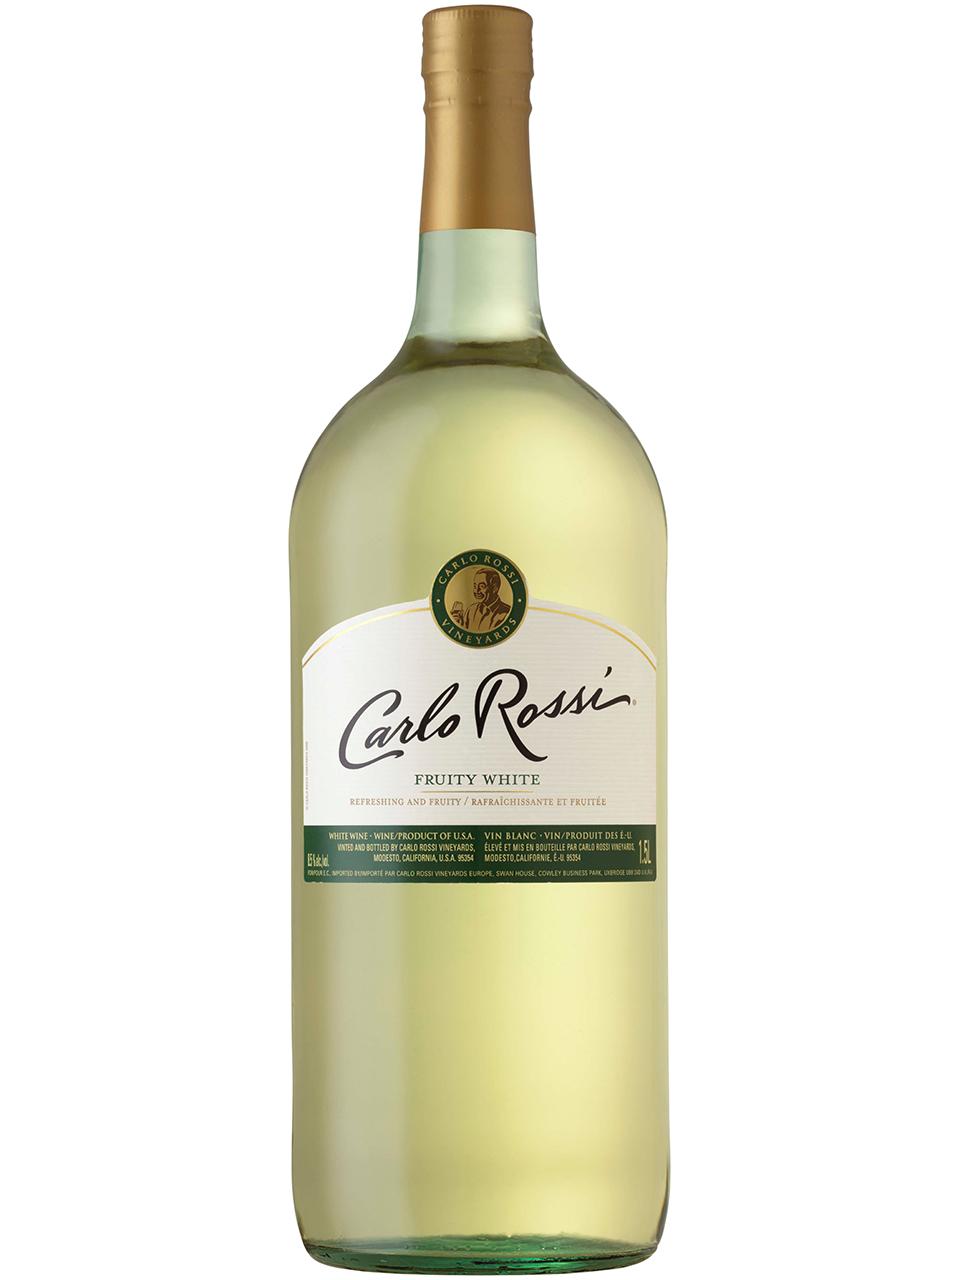 Carlo Rossi Fruity White